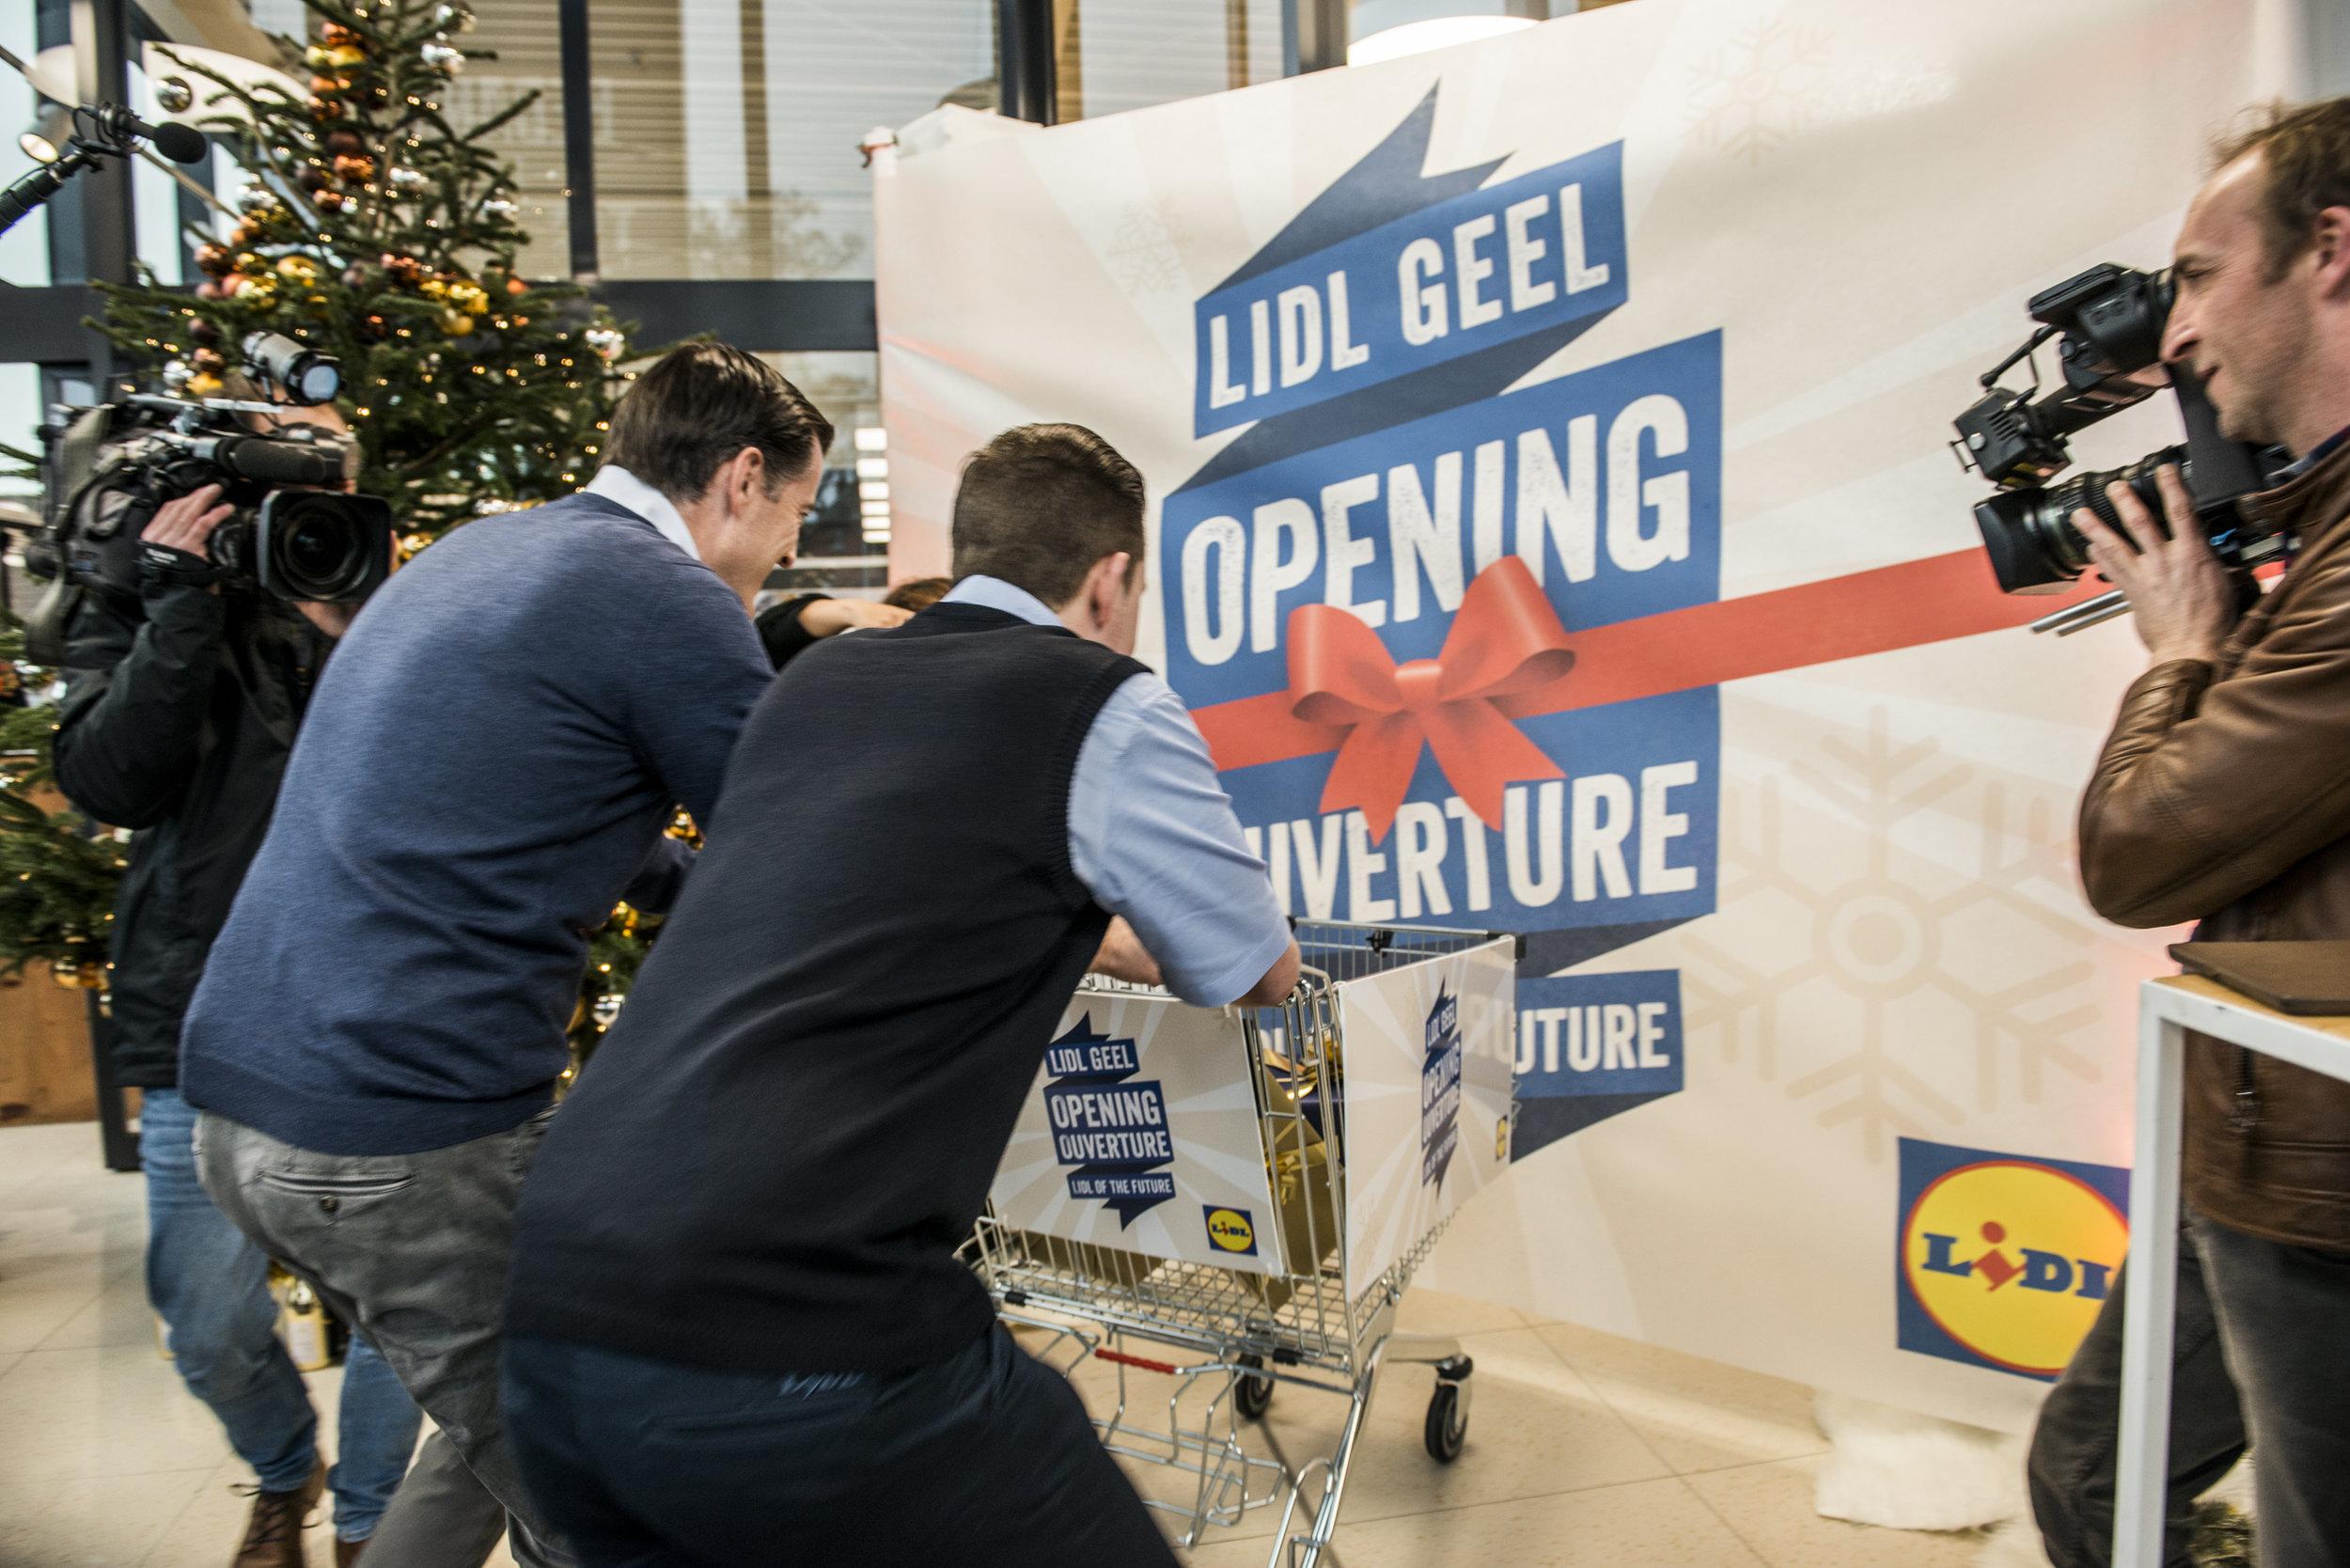 EPhU_opening Lidl_Geel_46-1.jpg